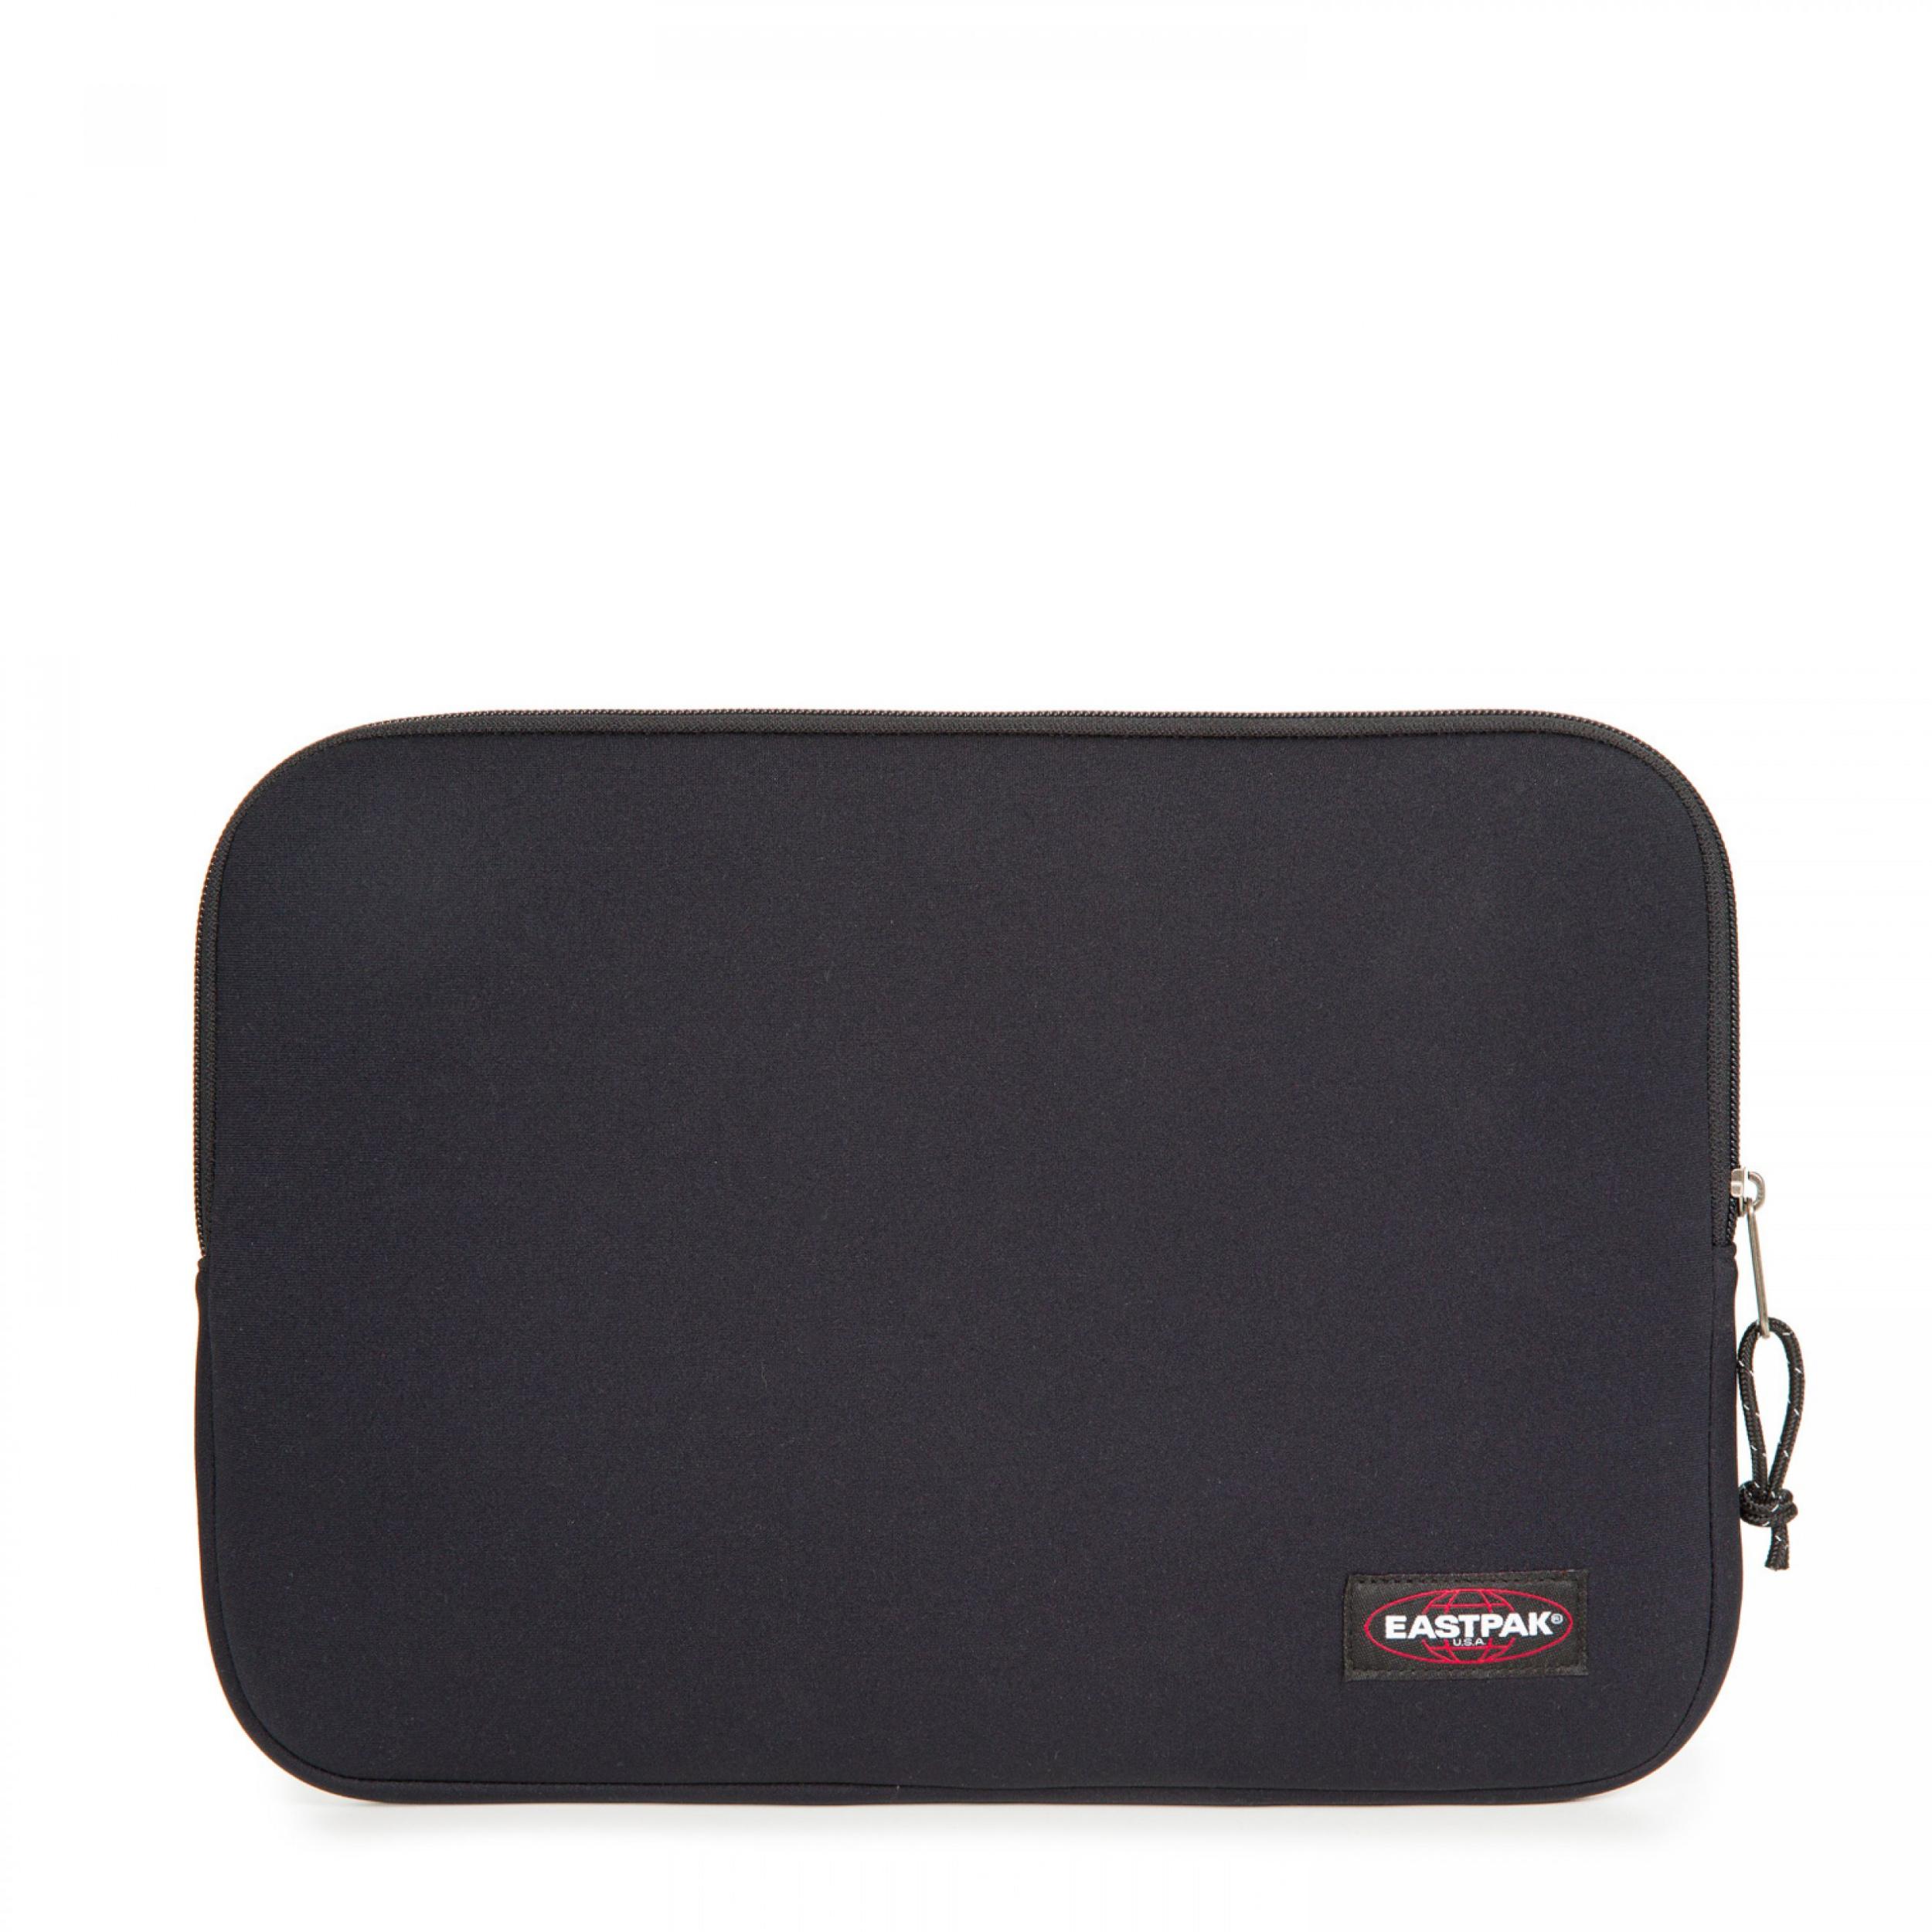 Eastpak BLANKET M Laptophoes Black